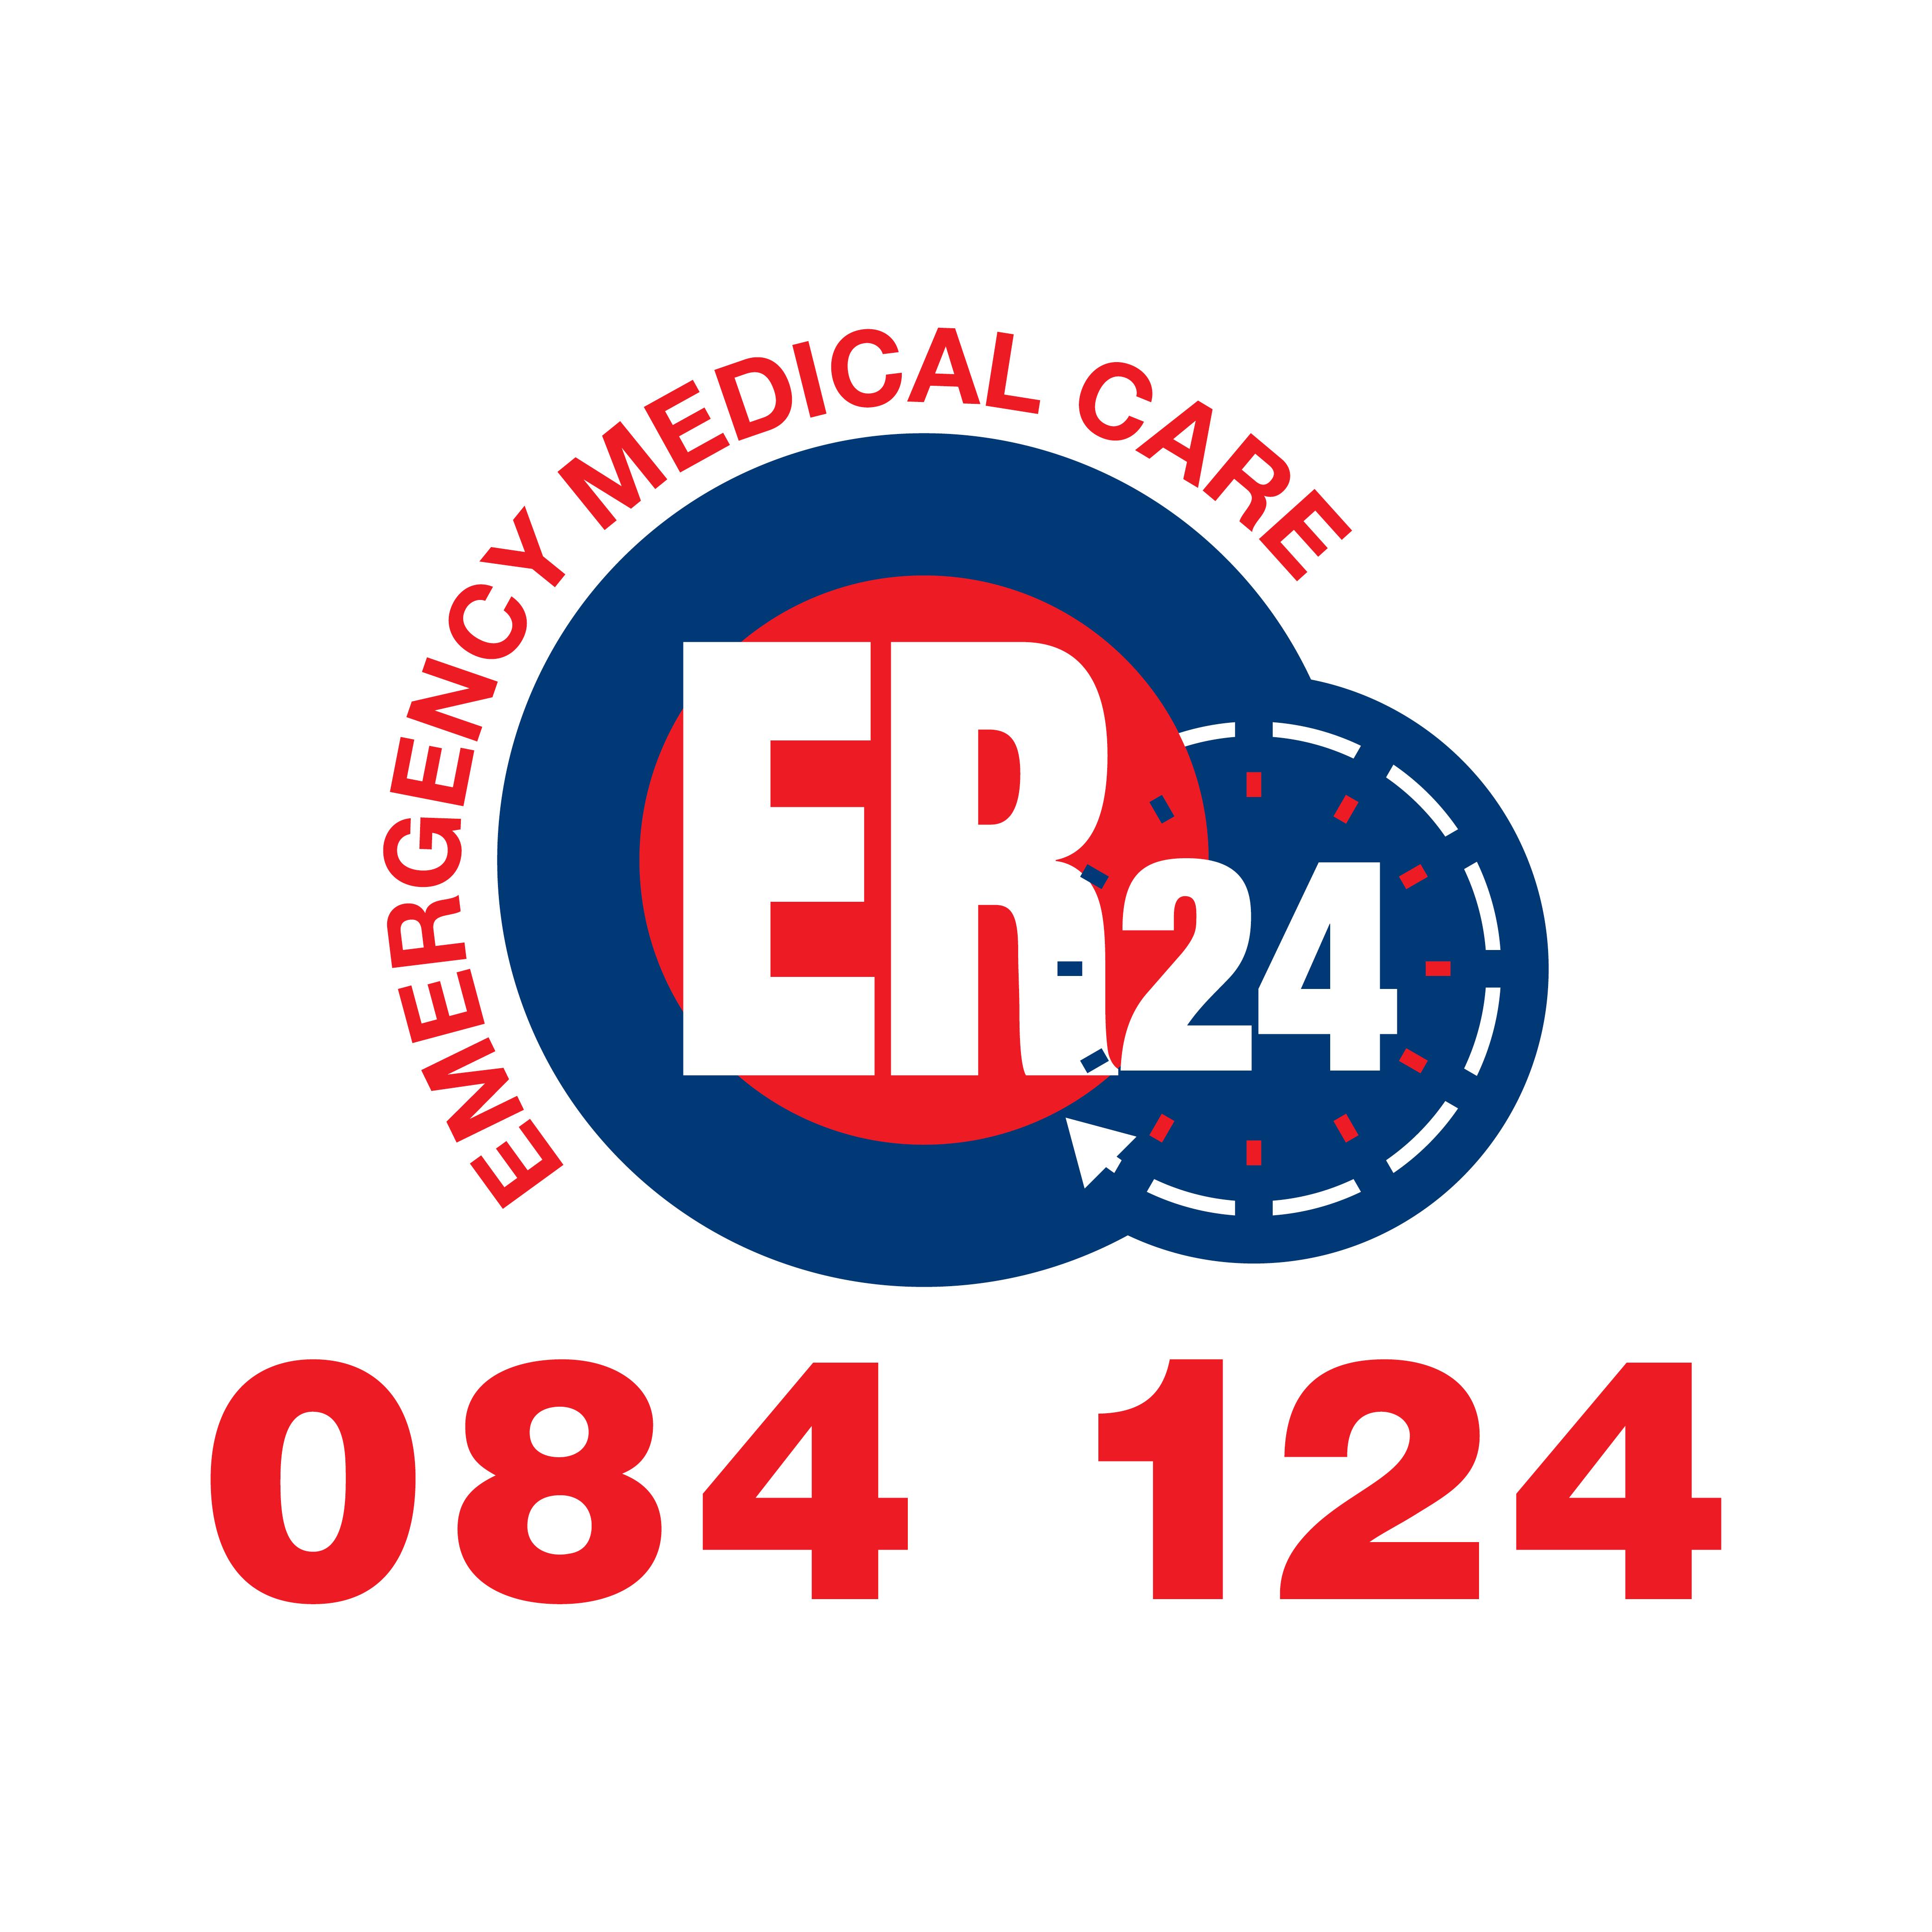 ER24 Regional Office